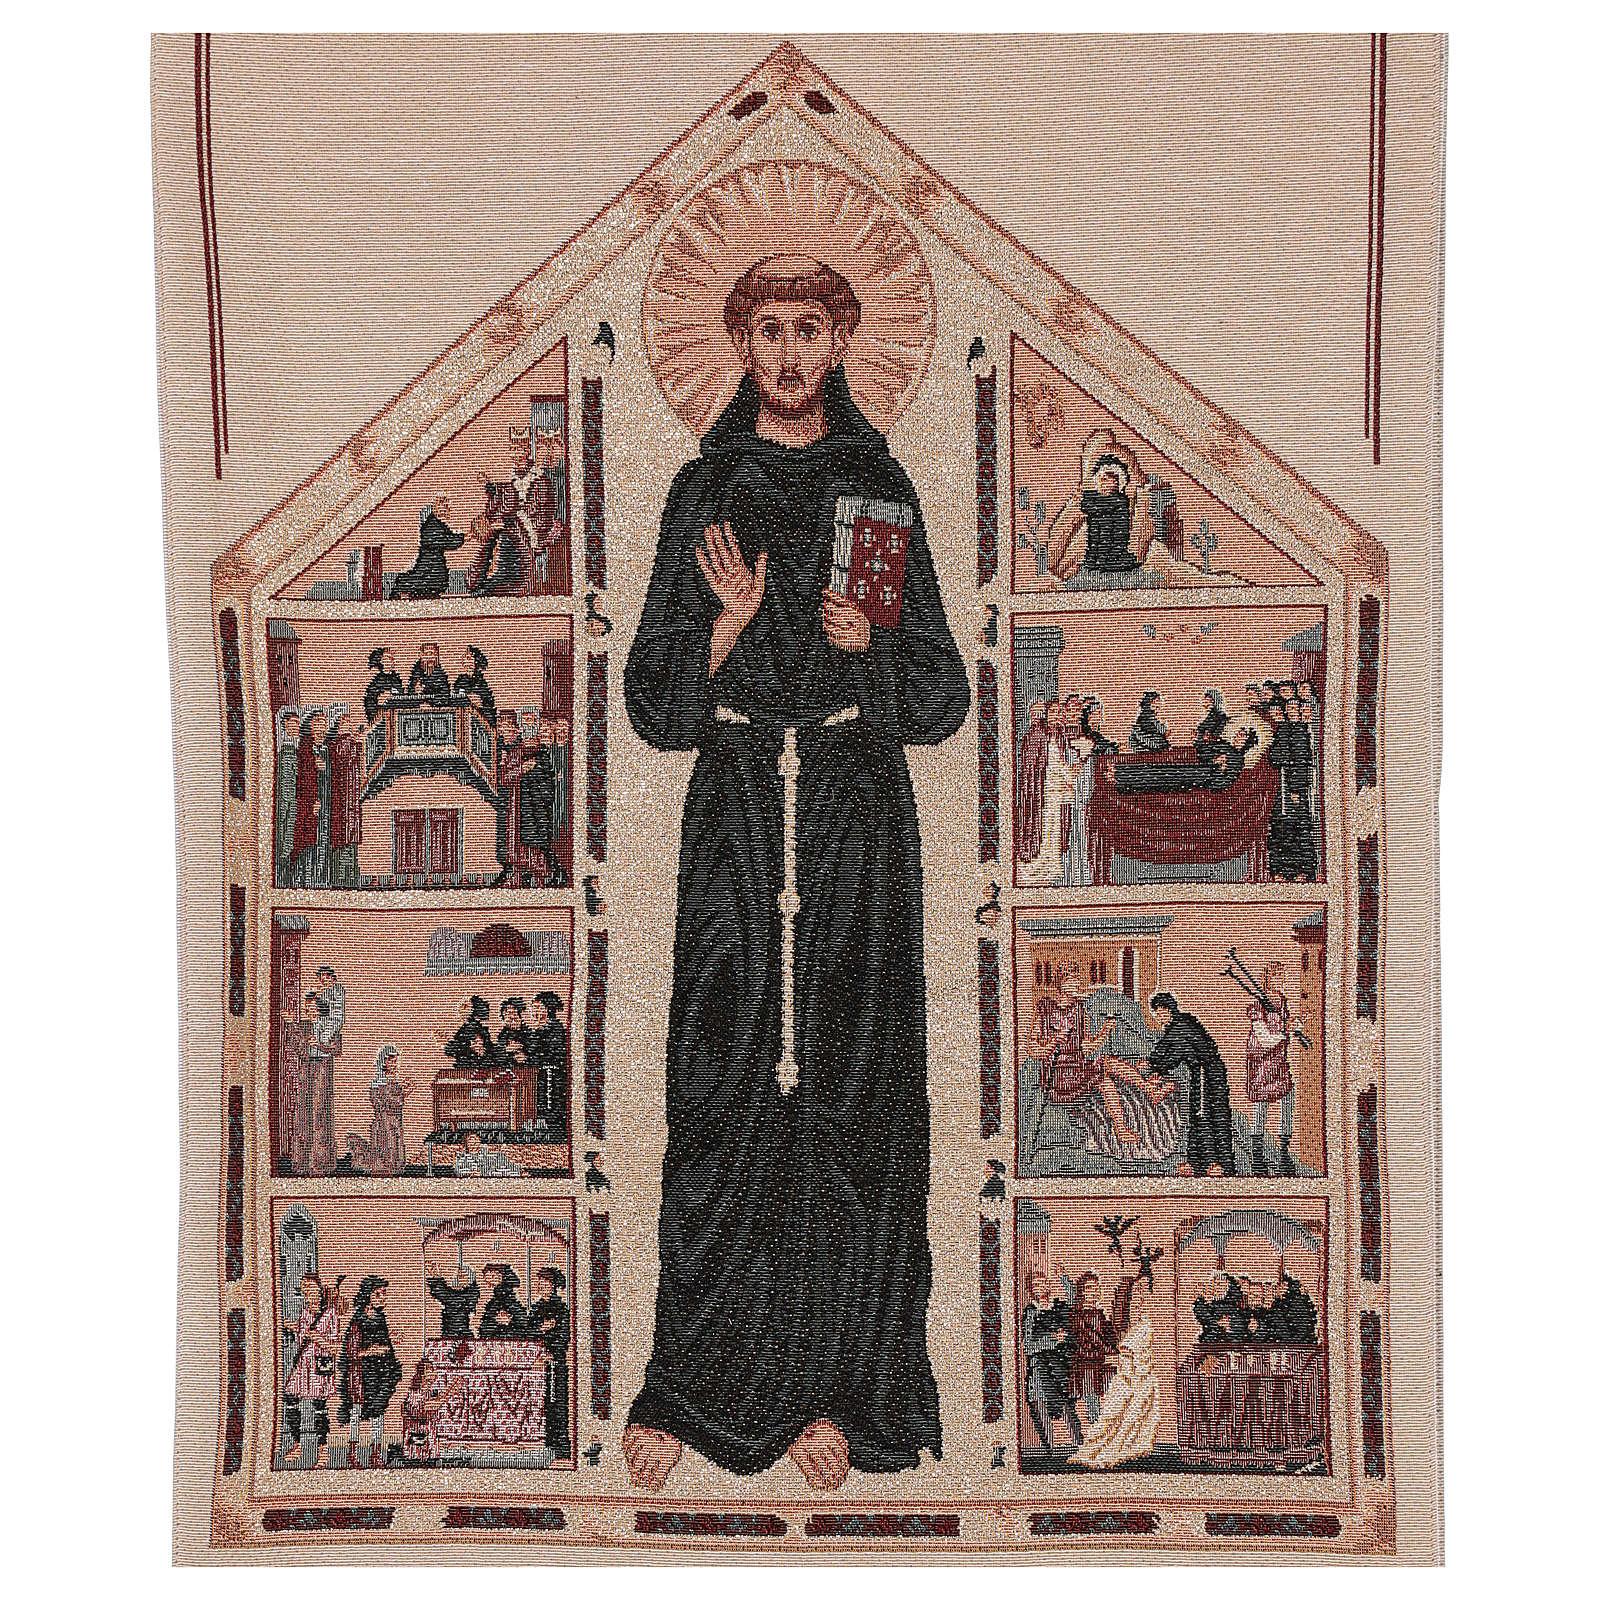 Coprileggio lamè S.Antonio e scene della vita avorio 4